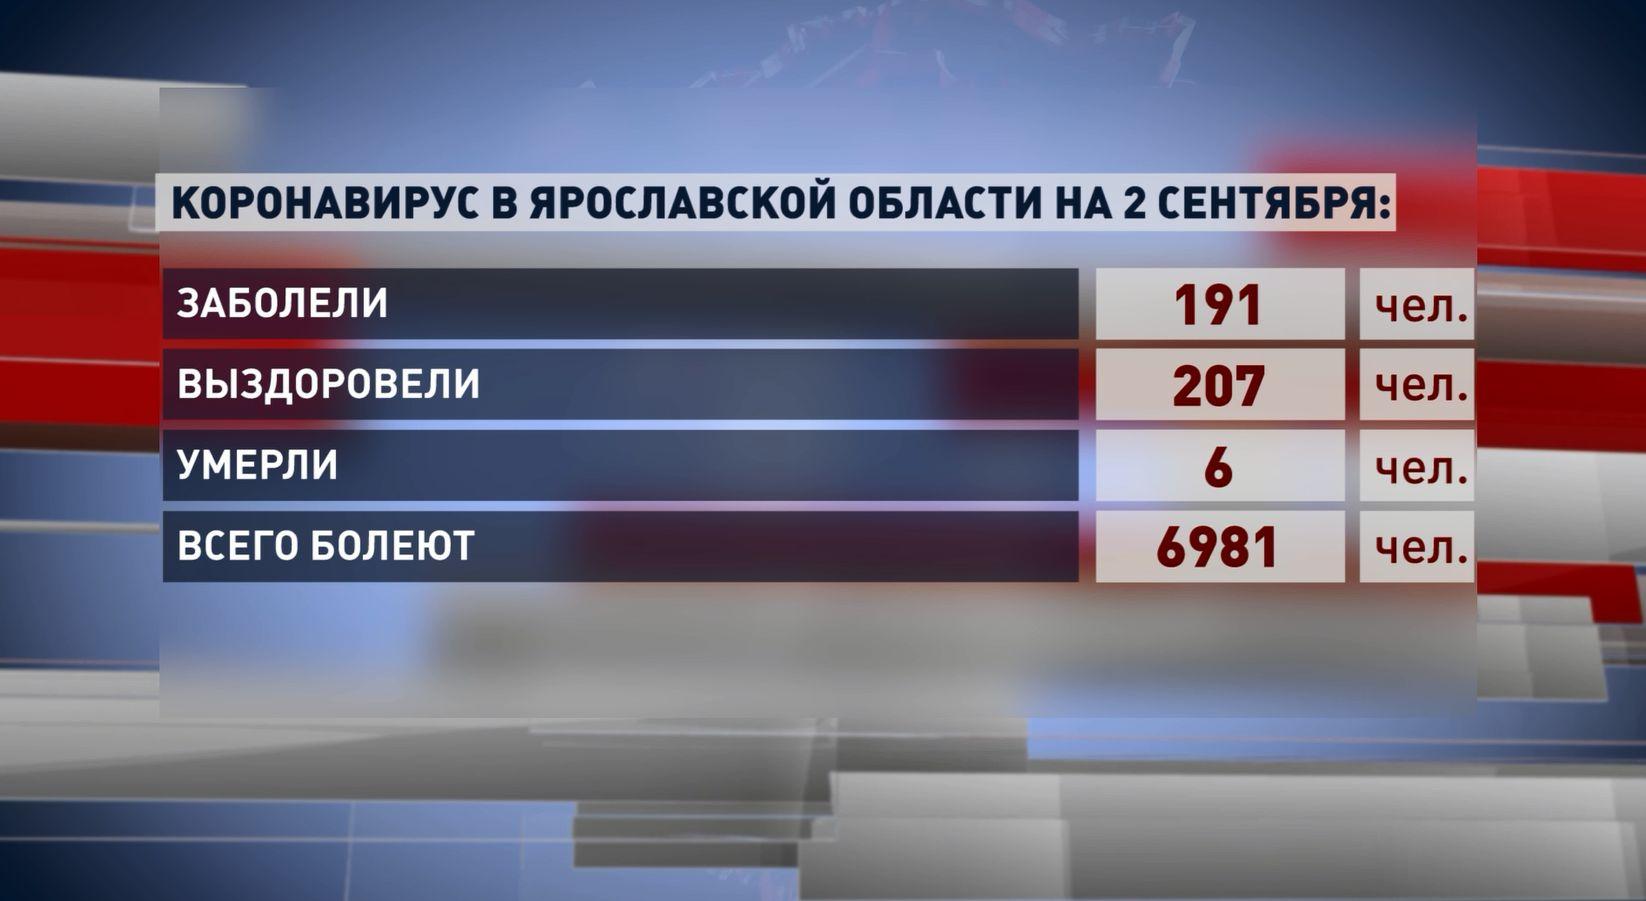 Число выздоровевших от ковида в Ярославле и области превышает количество заболевших